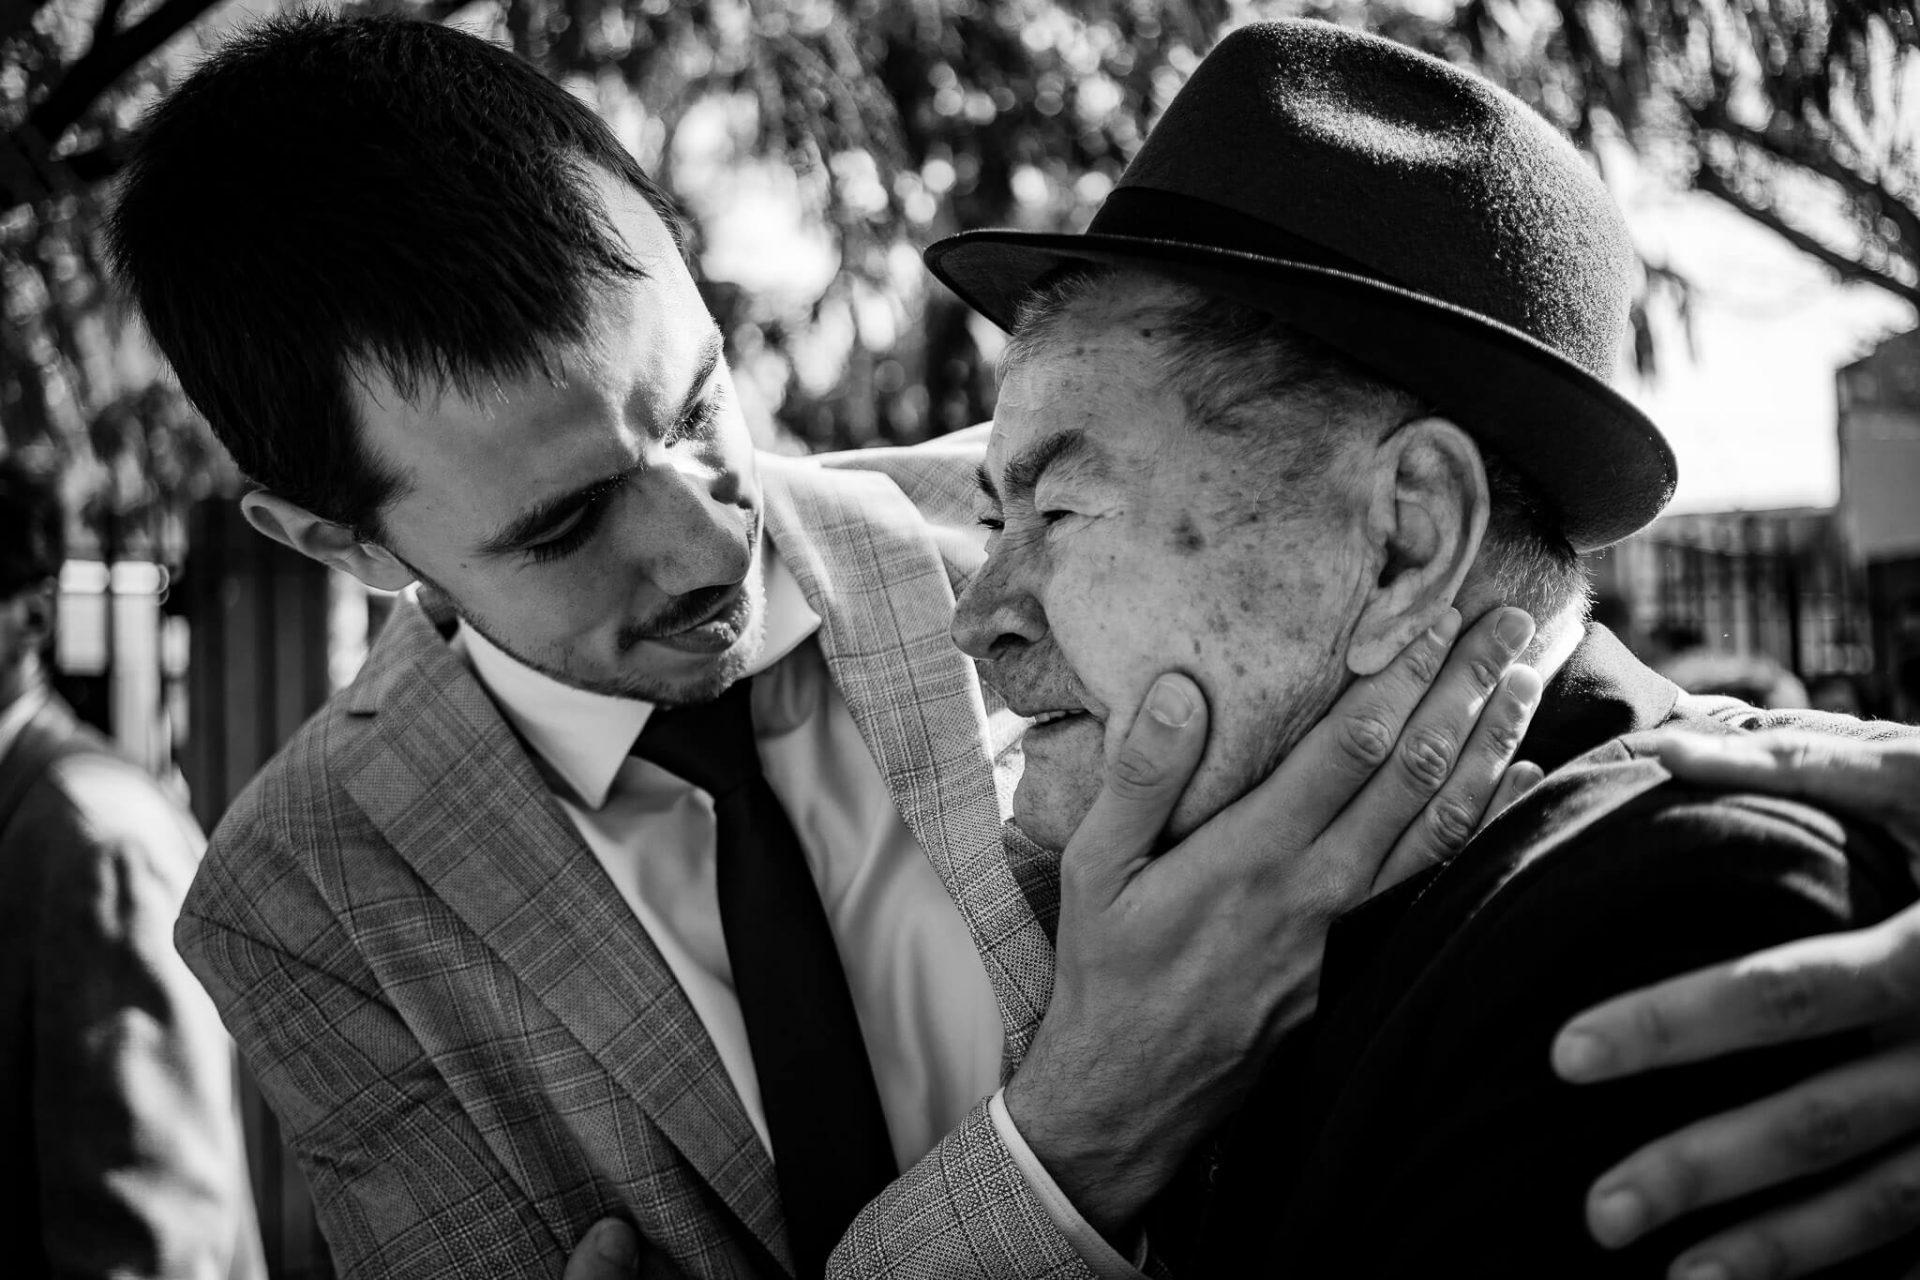 fotografie cu bunicul